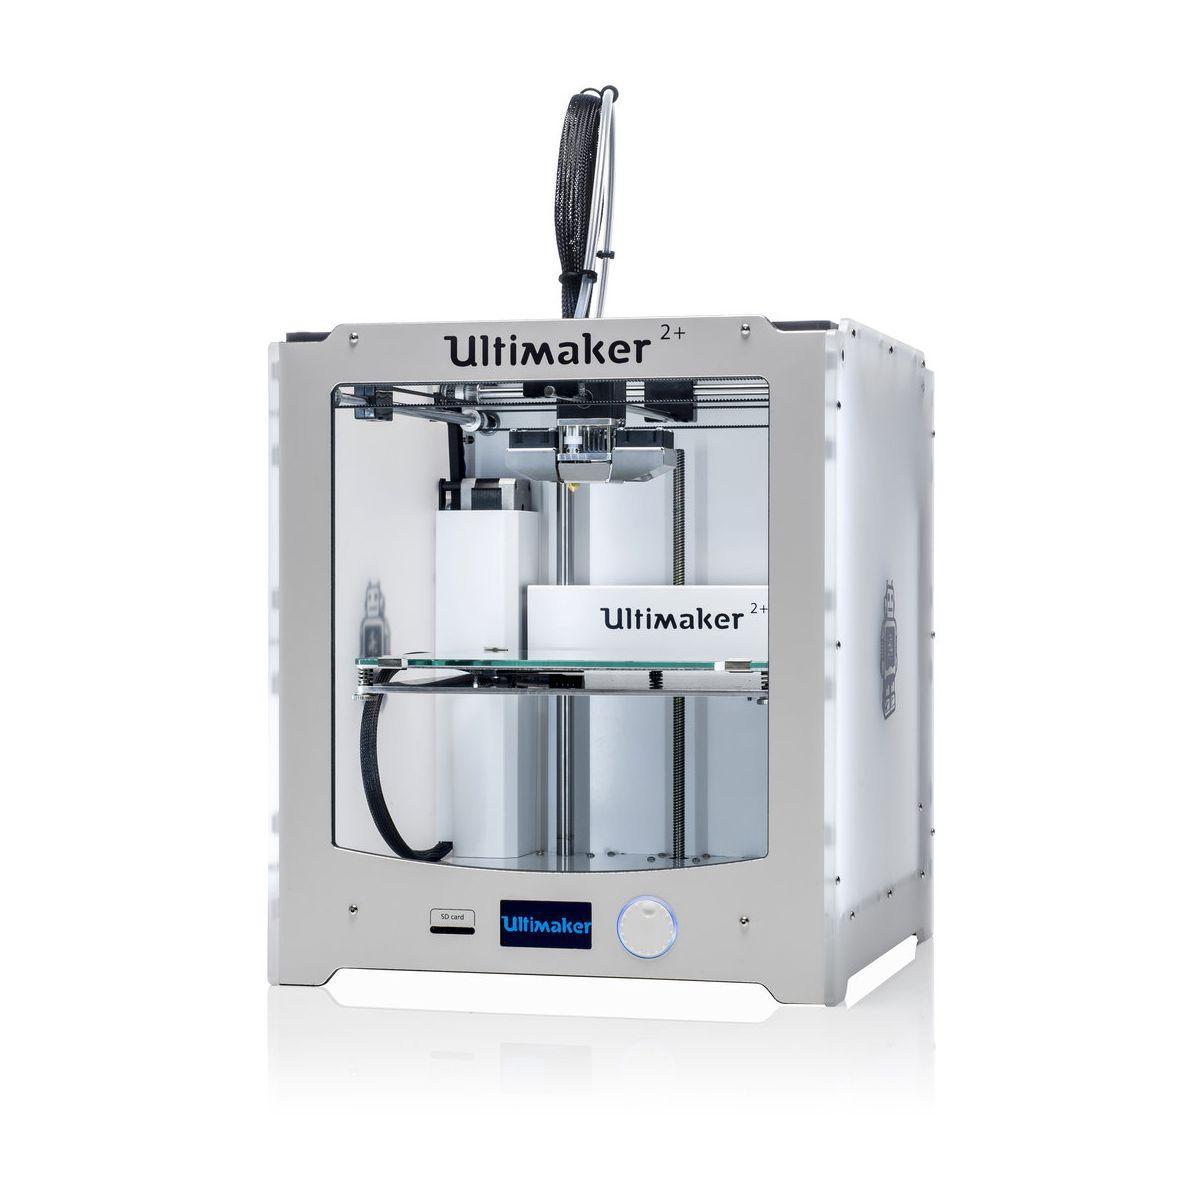 Imprimante 3d ultimaker ultimaker 2+ (photo)